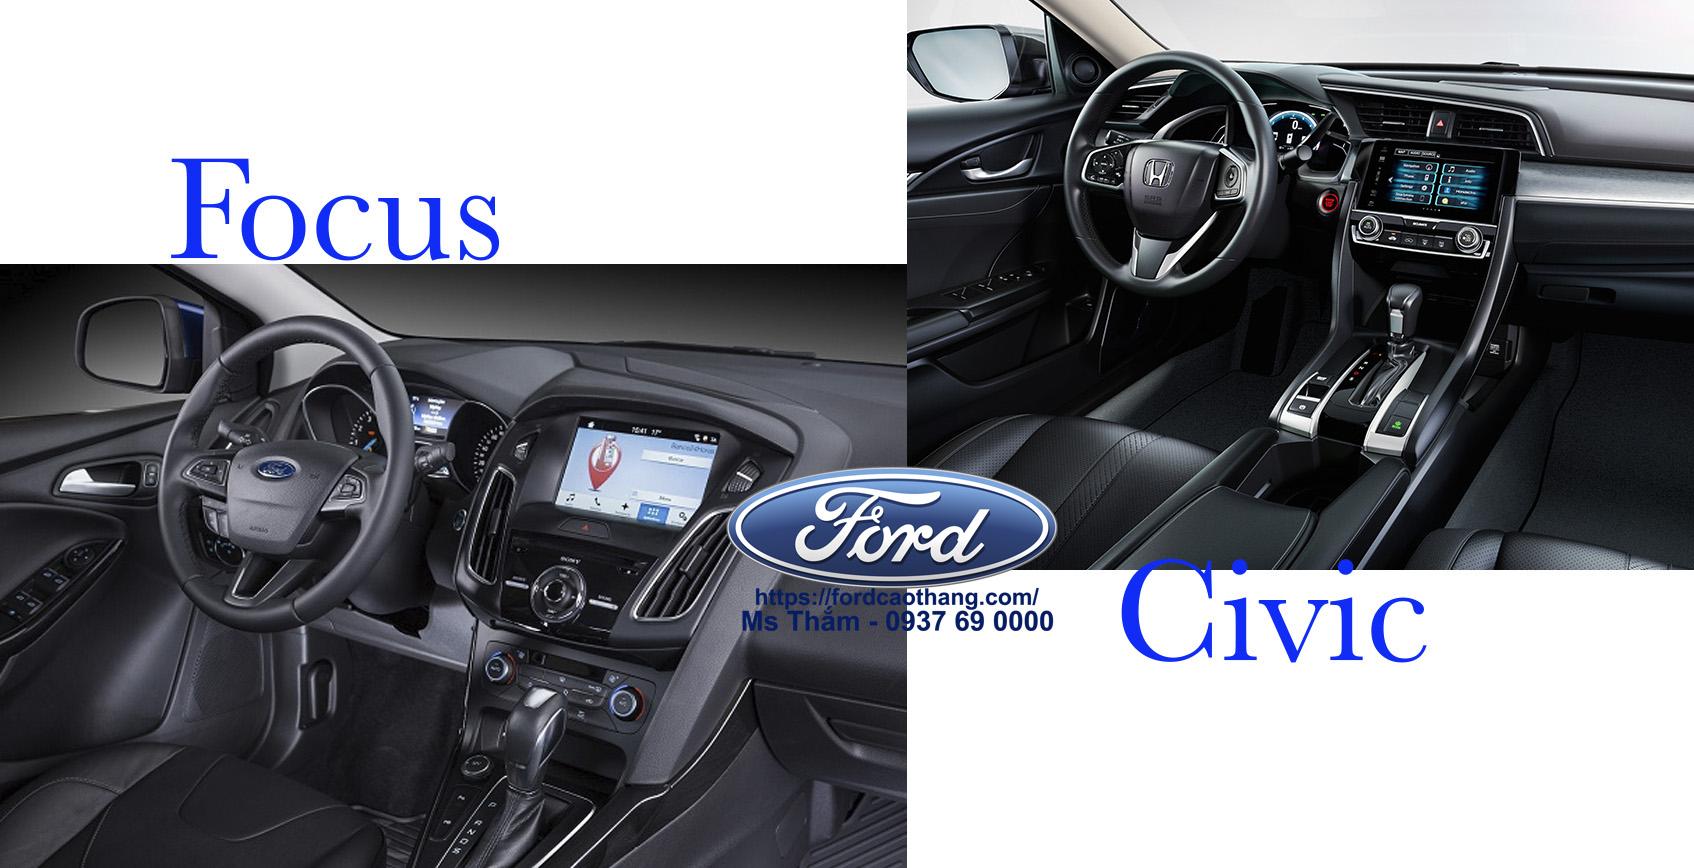 So sánh nội thất Ford Focus Rs và Honda Civic Turbo